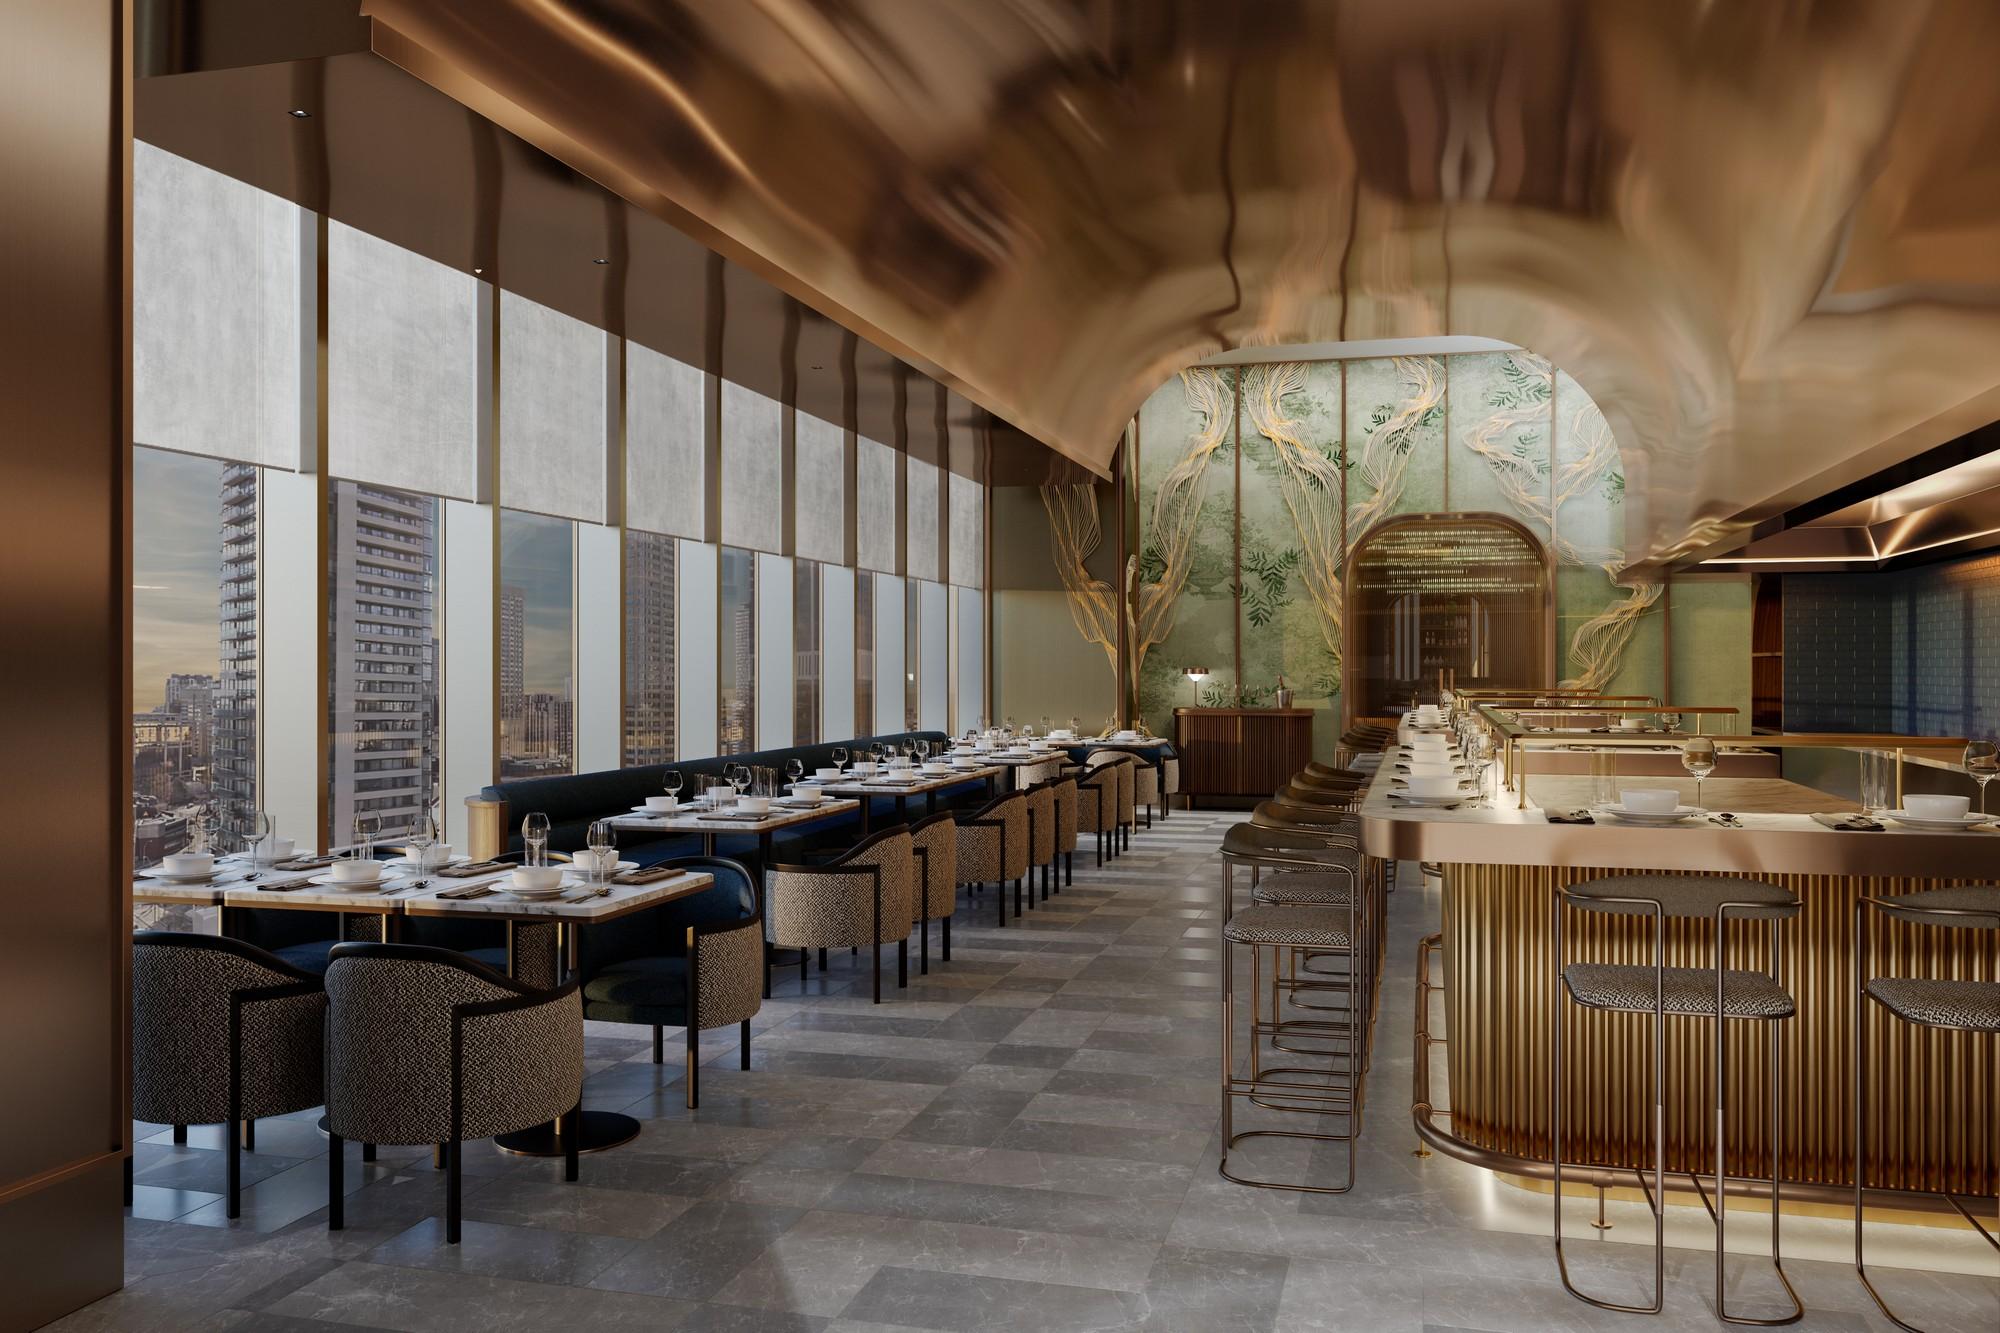 191204 Bar_Restaurant_PDR_View_002